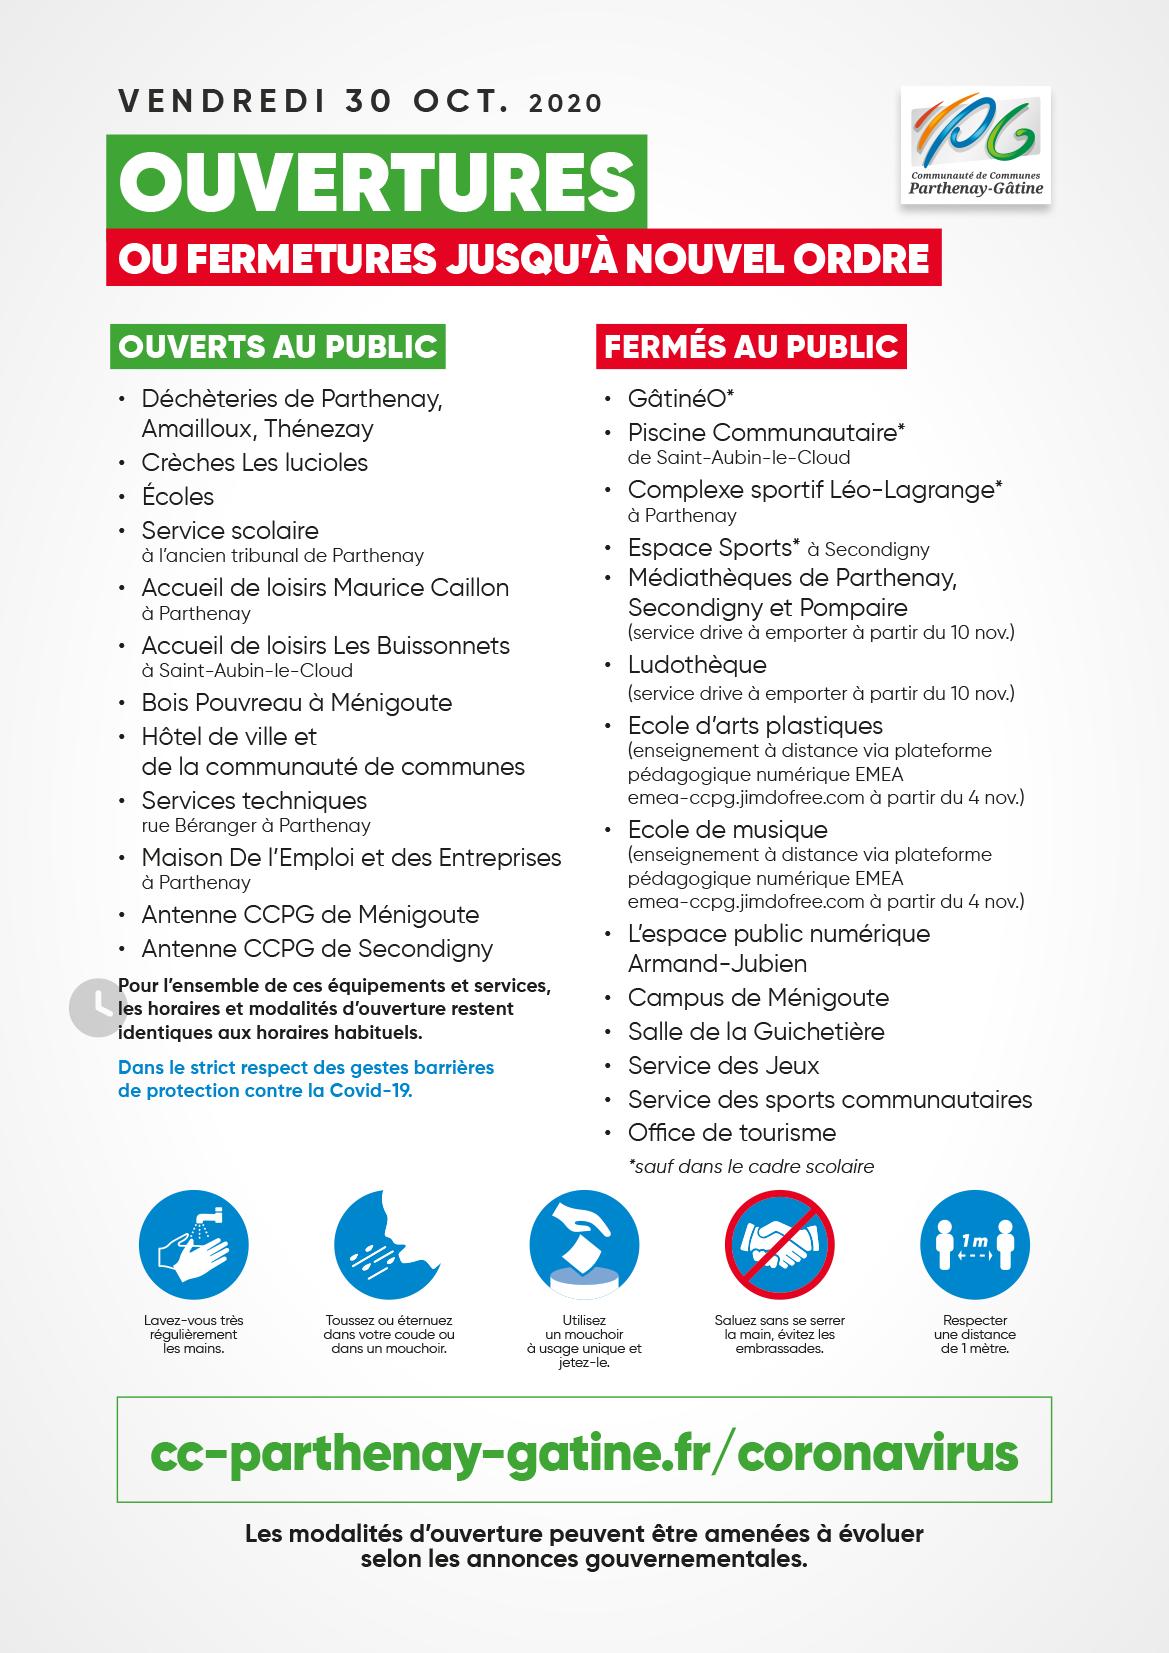 cc-2020-10-30-equipements-et-services-ouverts-fermes